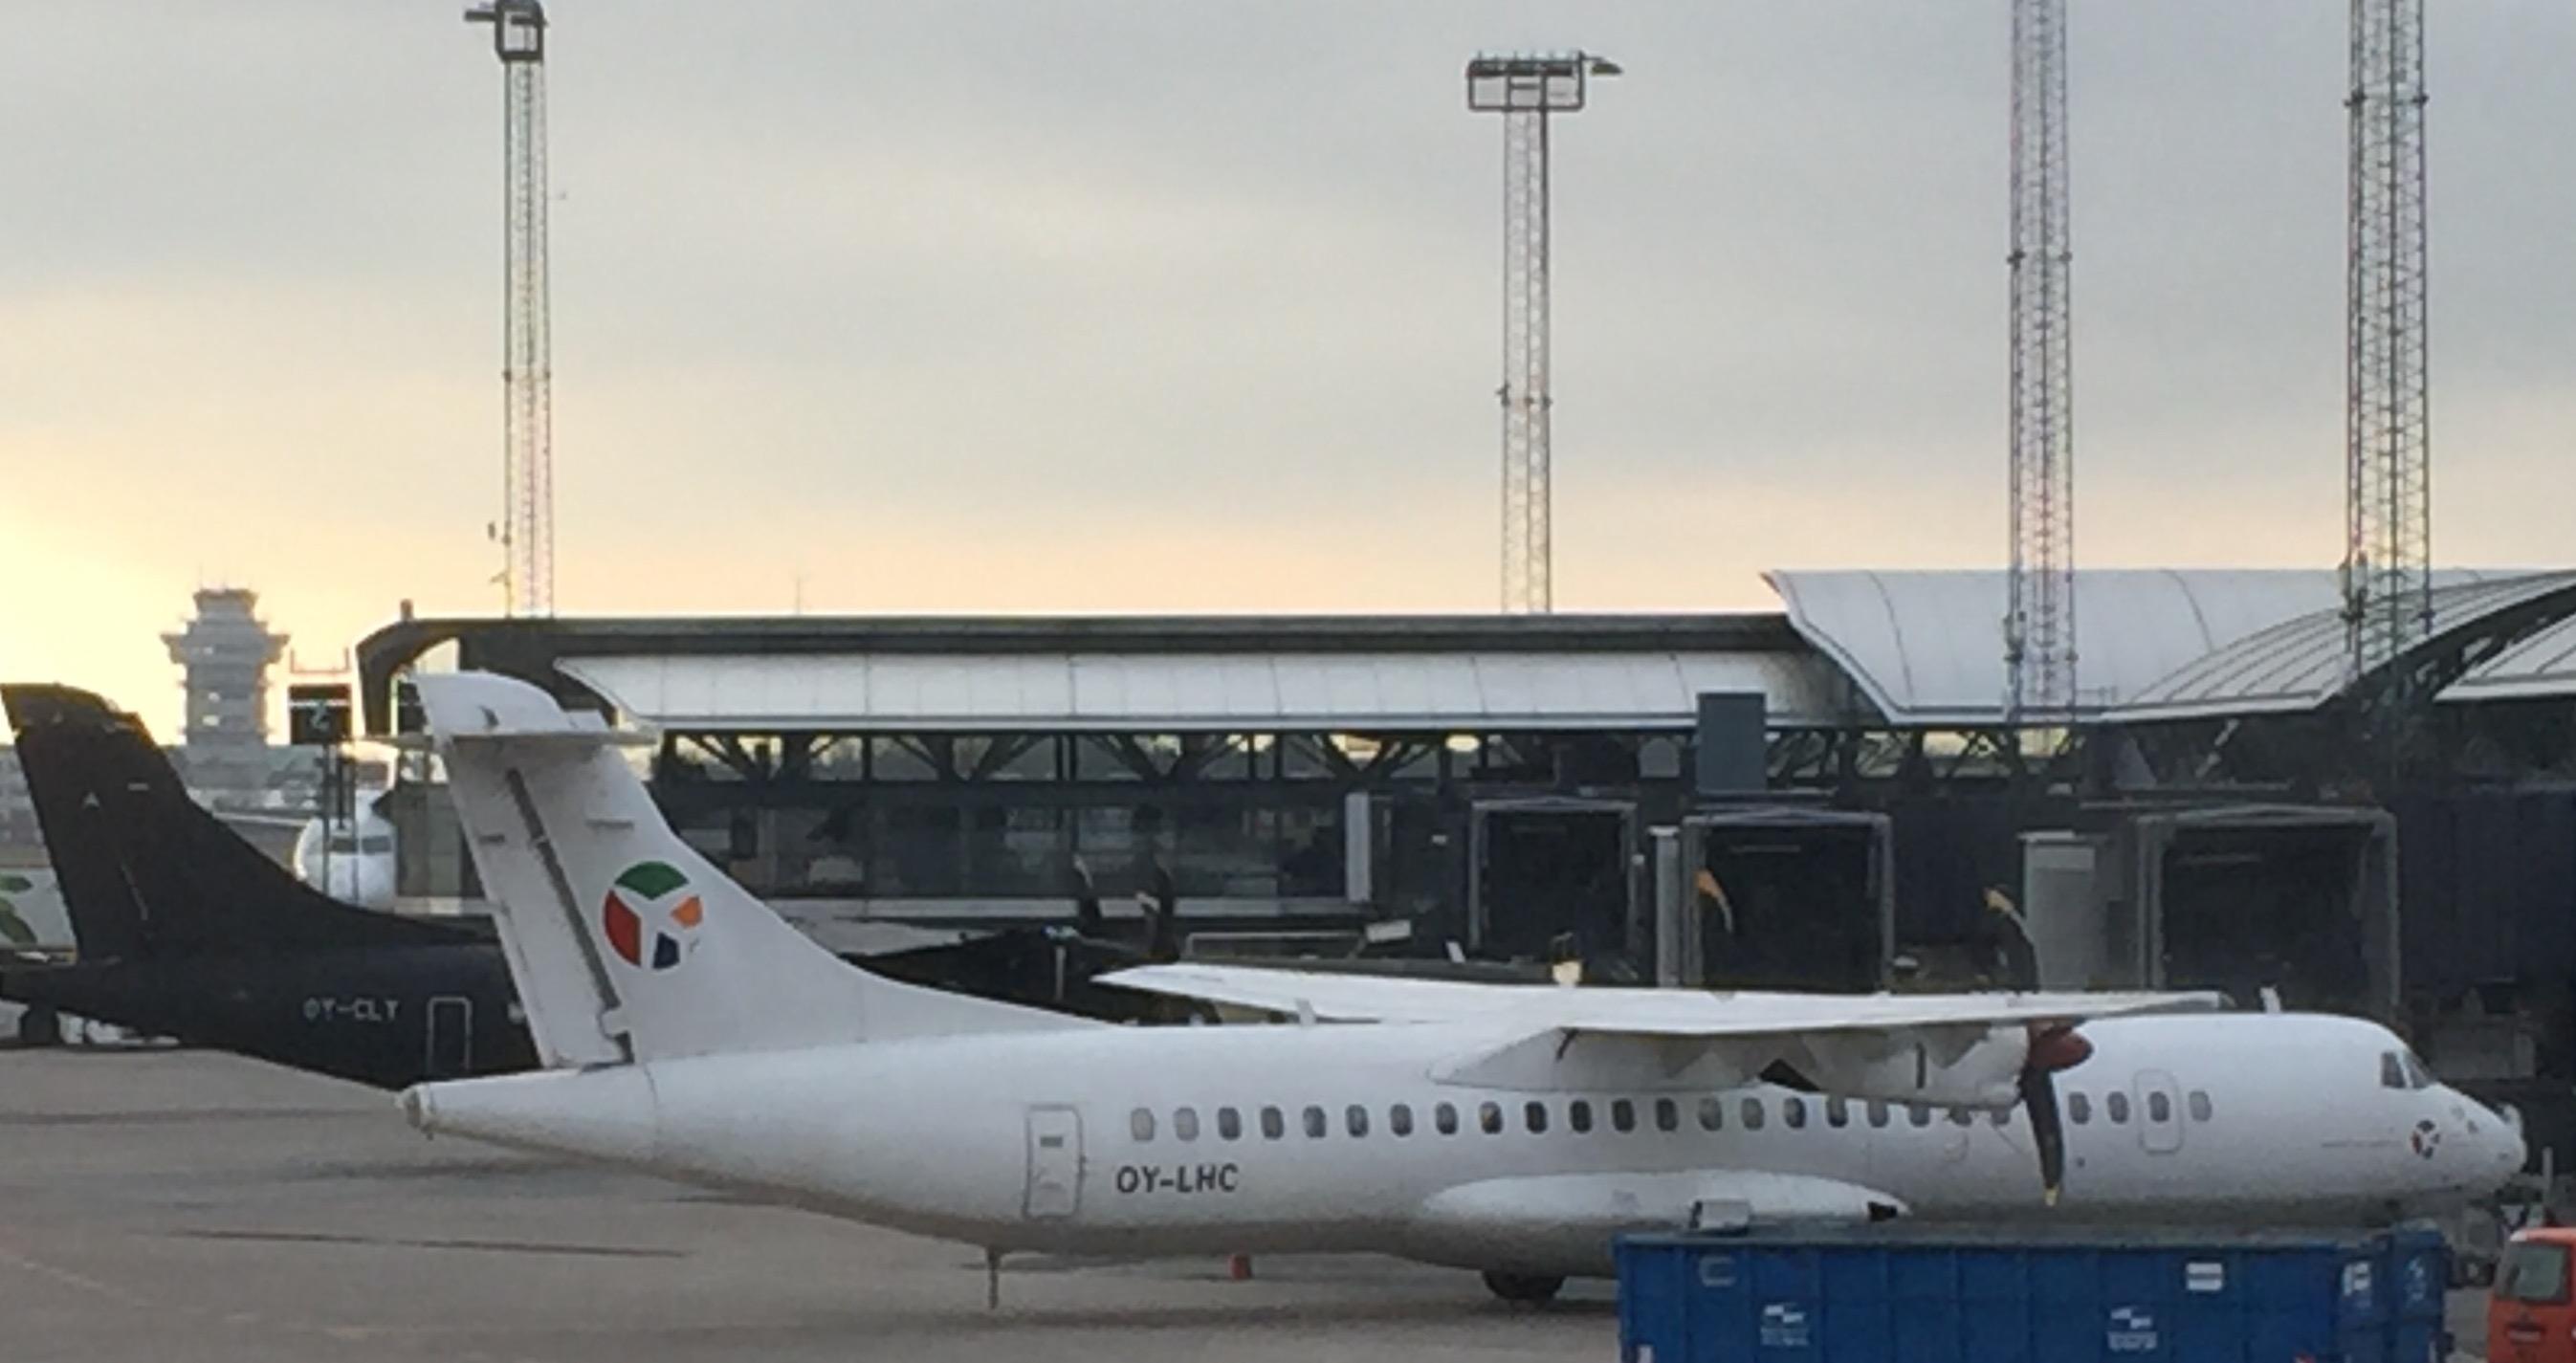 Indenrigsfly fra Alsie Express og Danish Air Transport ved Finger A i Københavns Lufthavn. Foto: Andreas Krog.